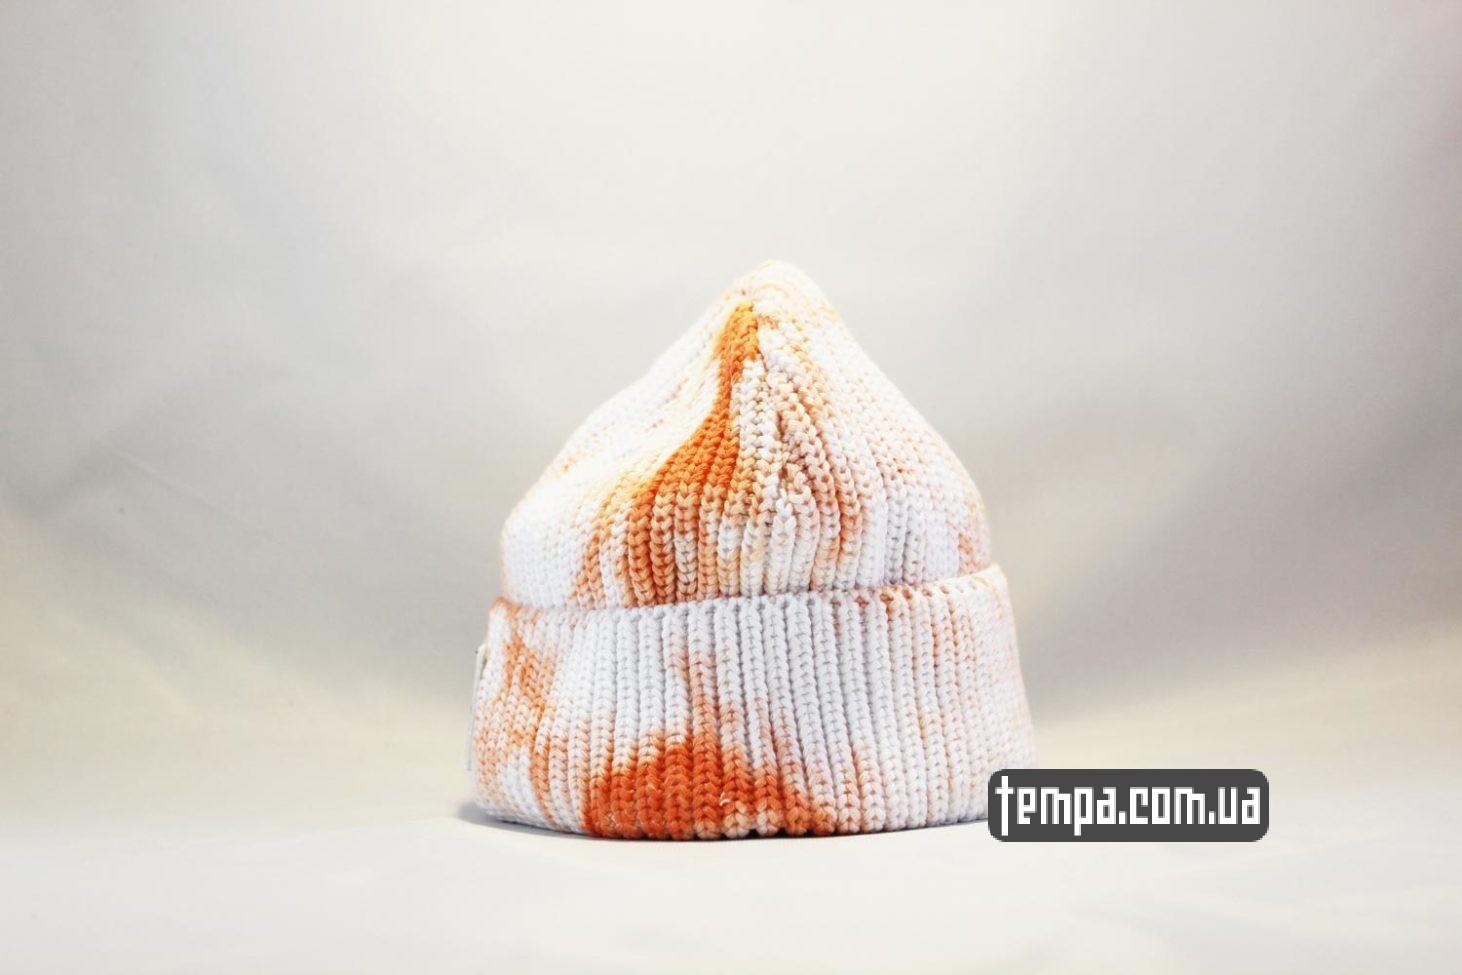 пятнистая одежда короткая шапка beanie Carhartt пятнистая оранжево-белая